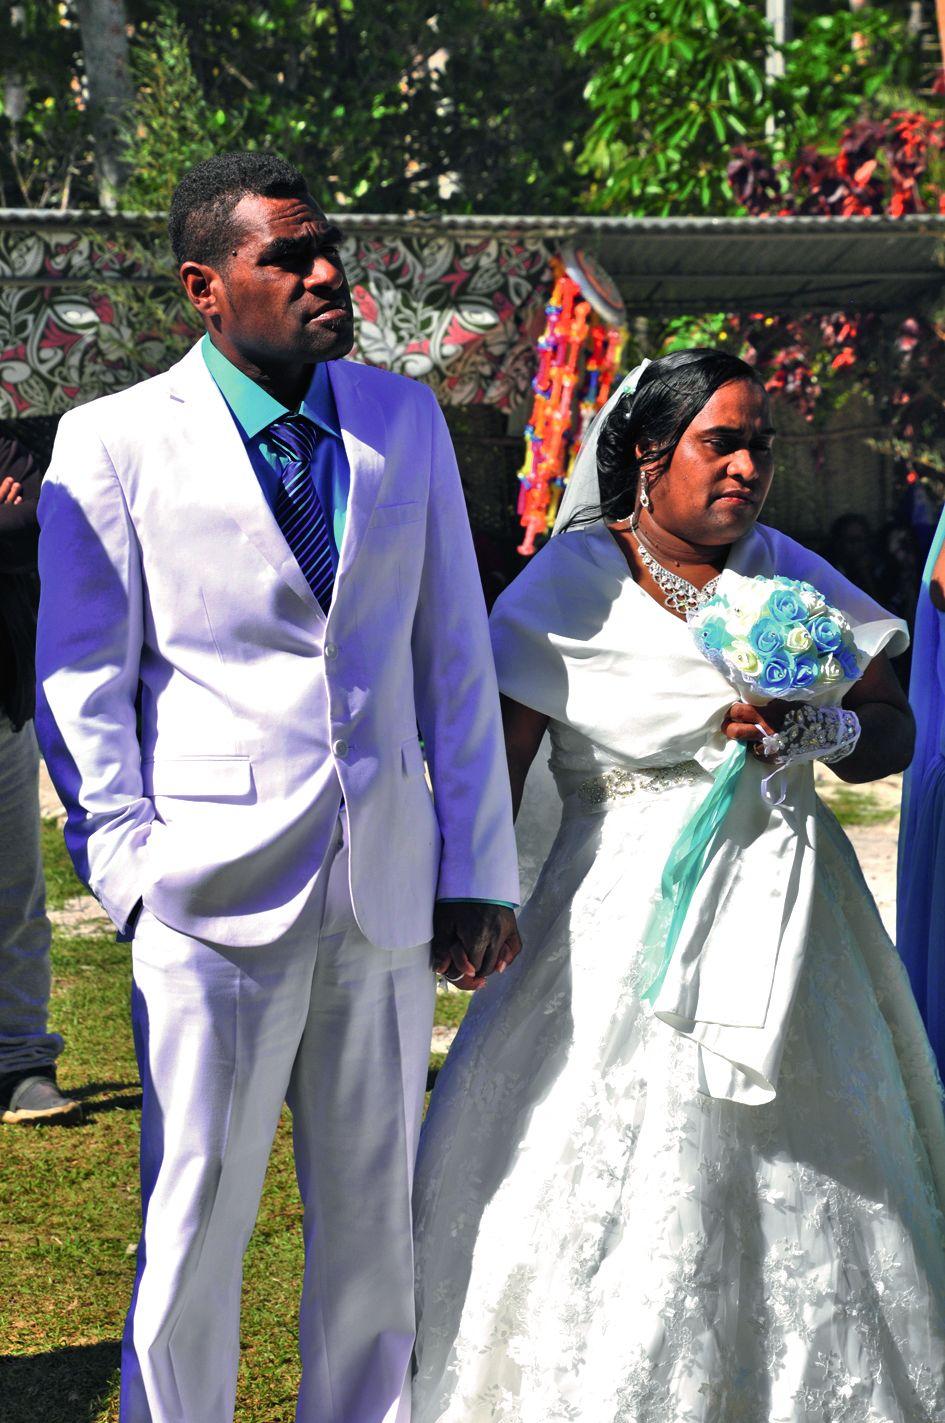 De retour à la chefferie après les cérémonies coutumières, administratives et religieuses, Georges Wanaro et Clara Wadrobert sont officiellement unis par les liens sacrés  du mariage.